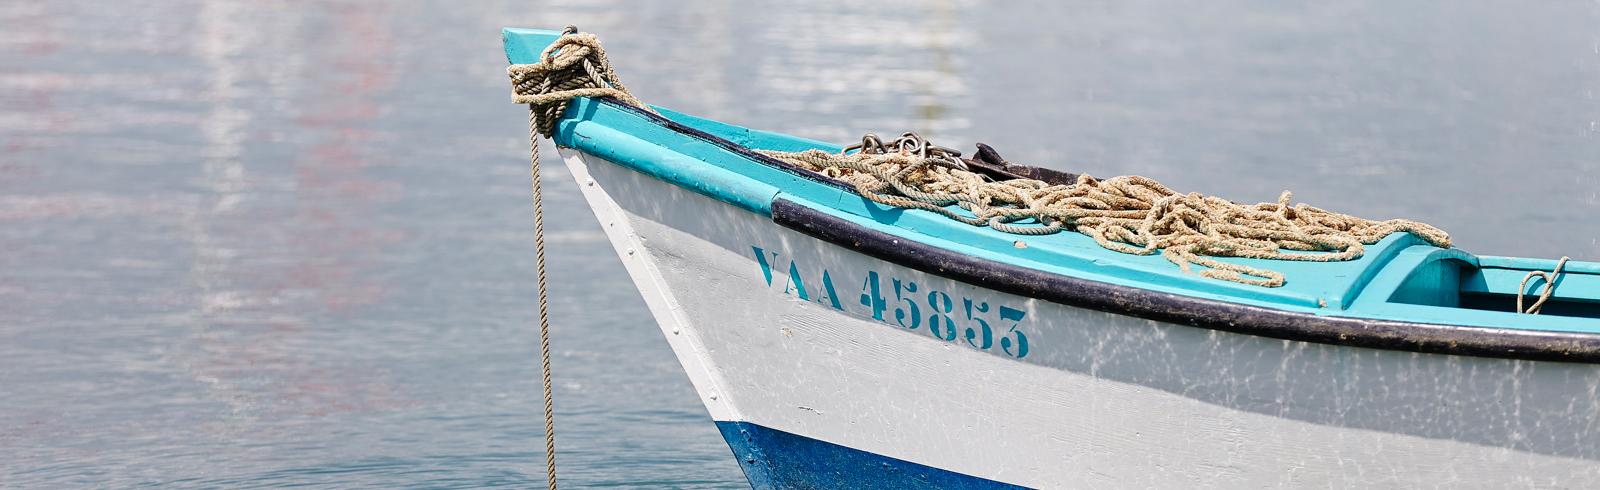 bateau peche en mer